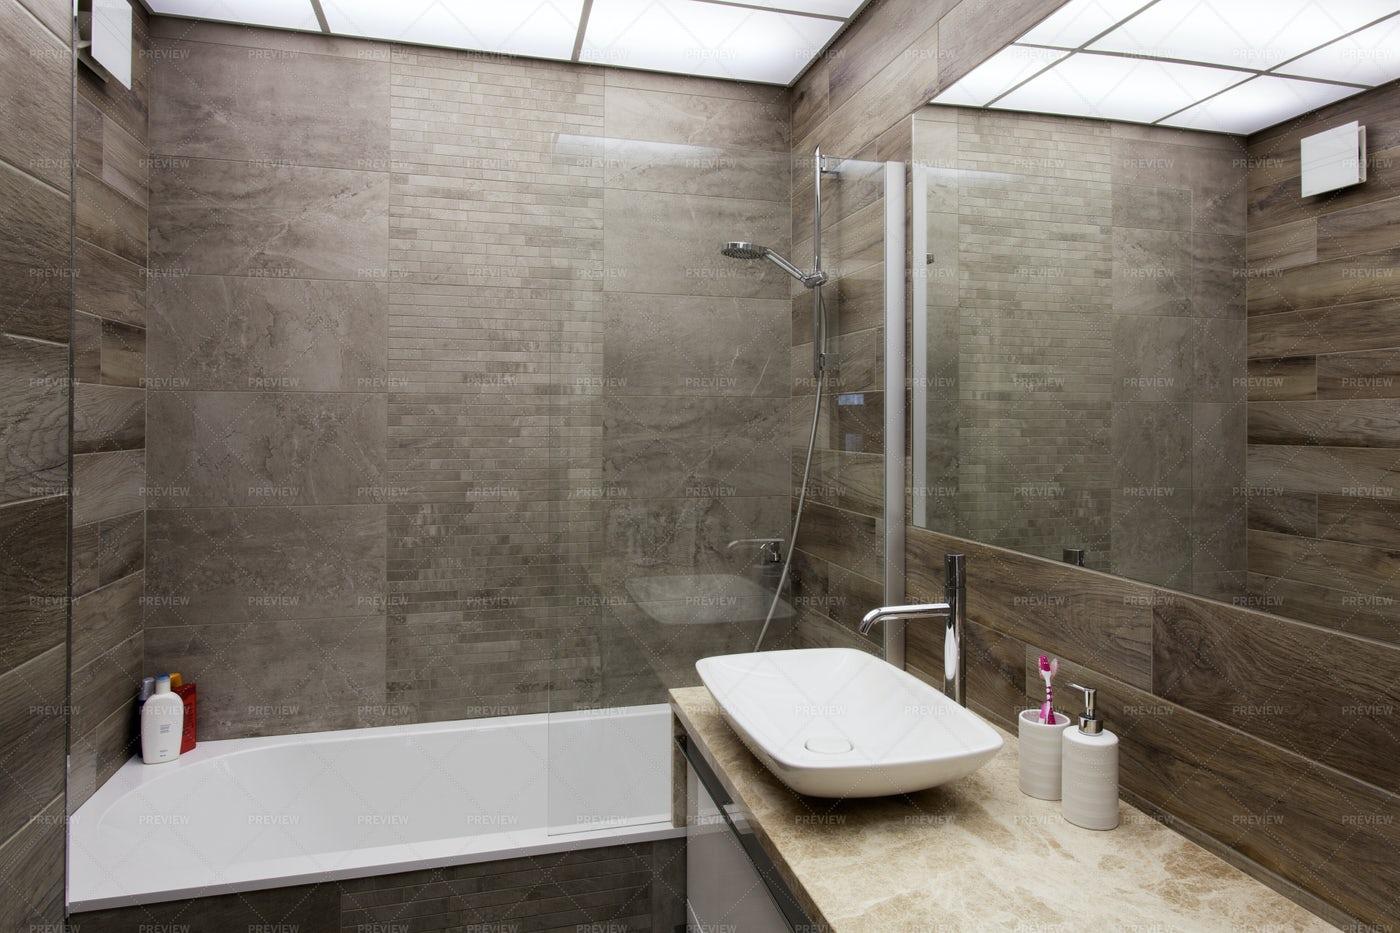 Interior Of A Bathroom: Stock Photos